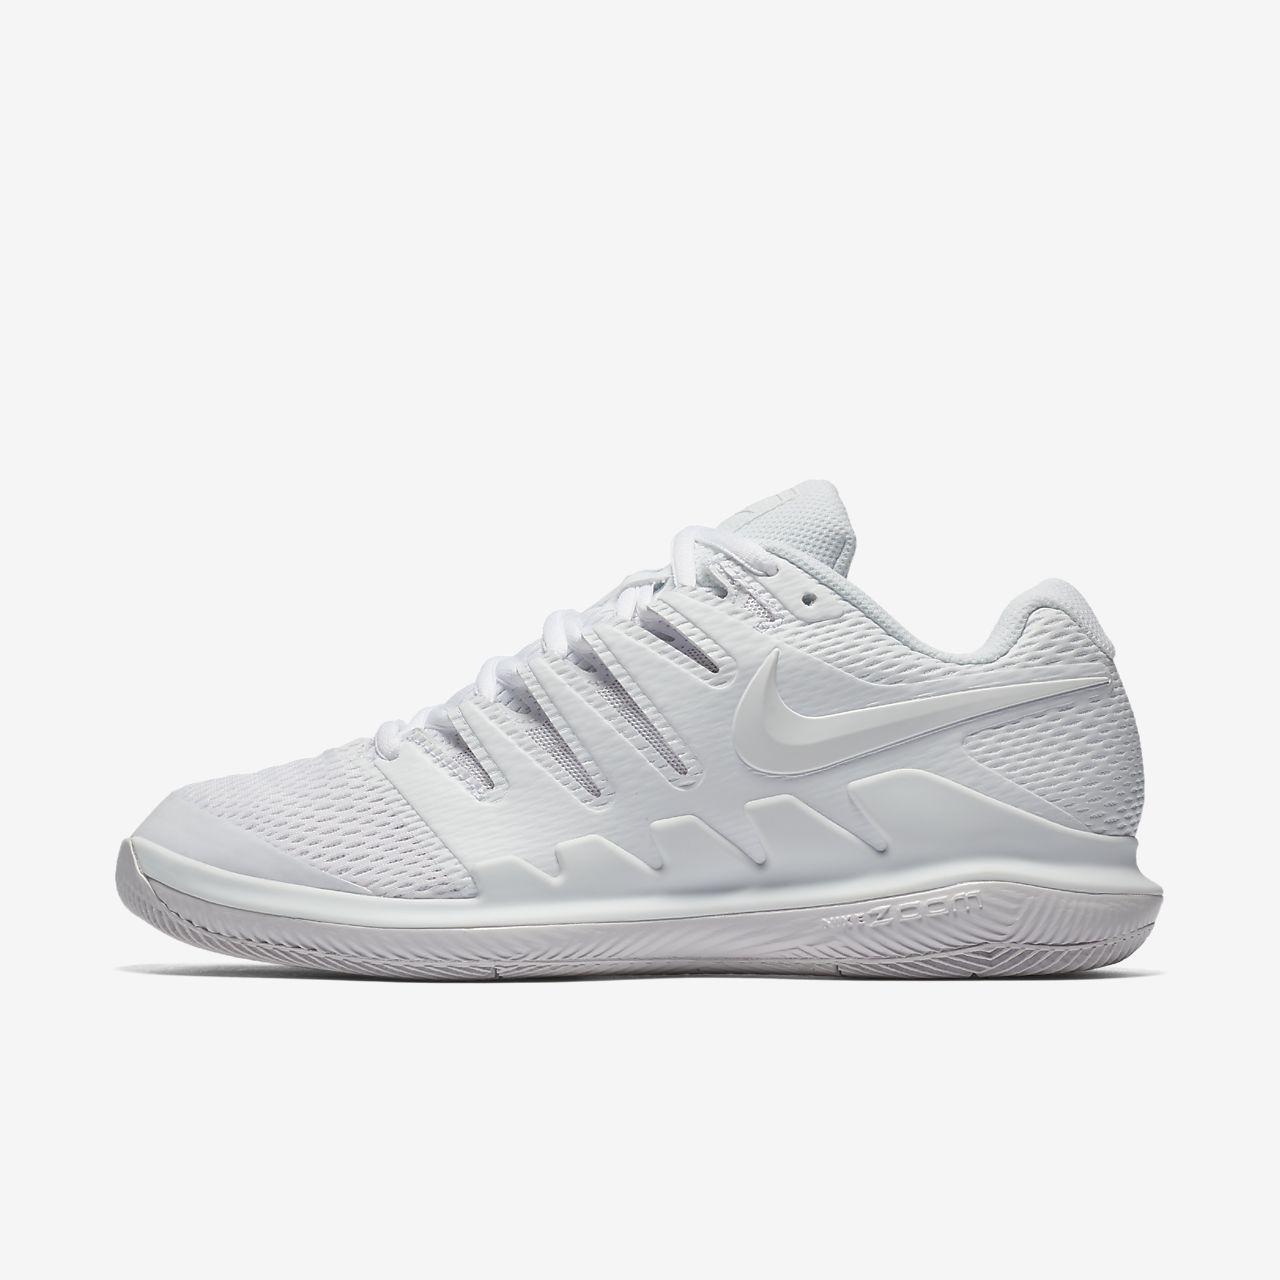 Calzado de tenis para cancha dura para mujer NikeCourt Air Zoom Vapor X